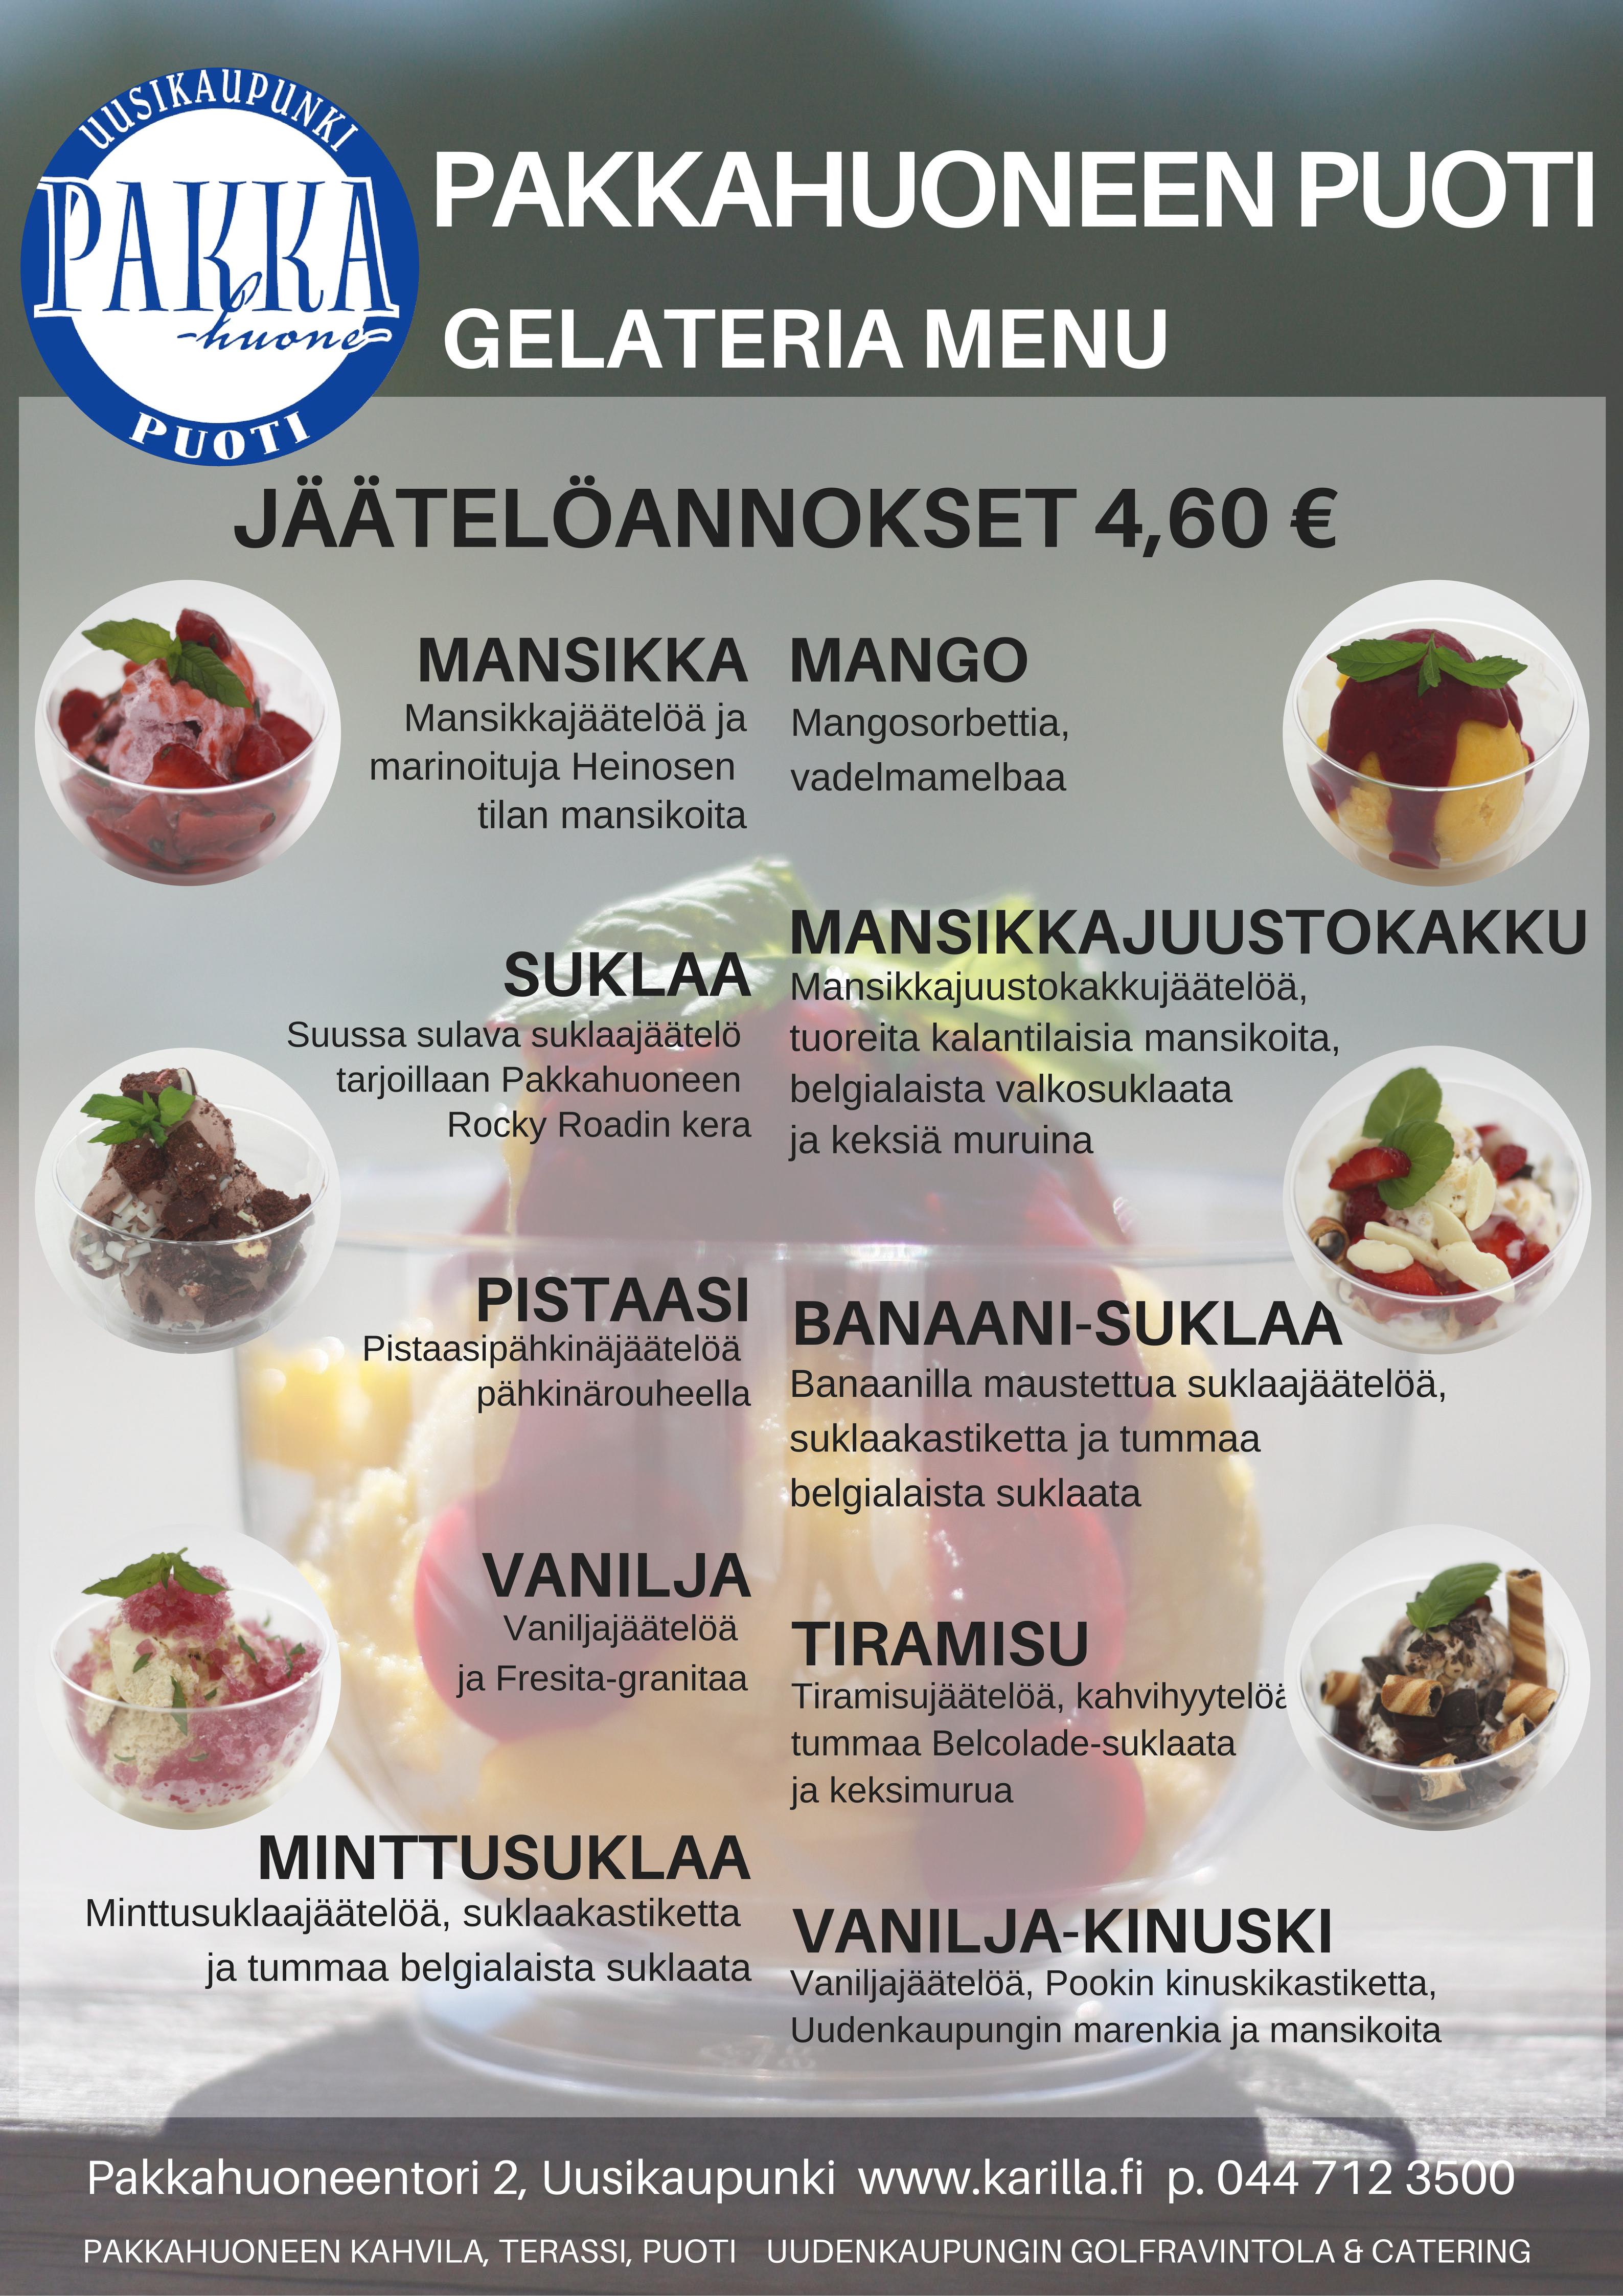 Gelateria jäätelömenu